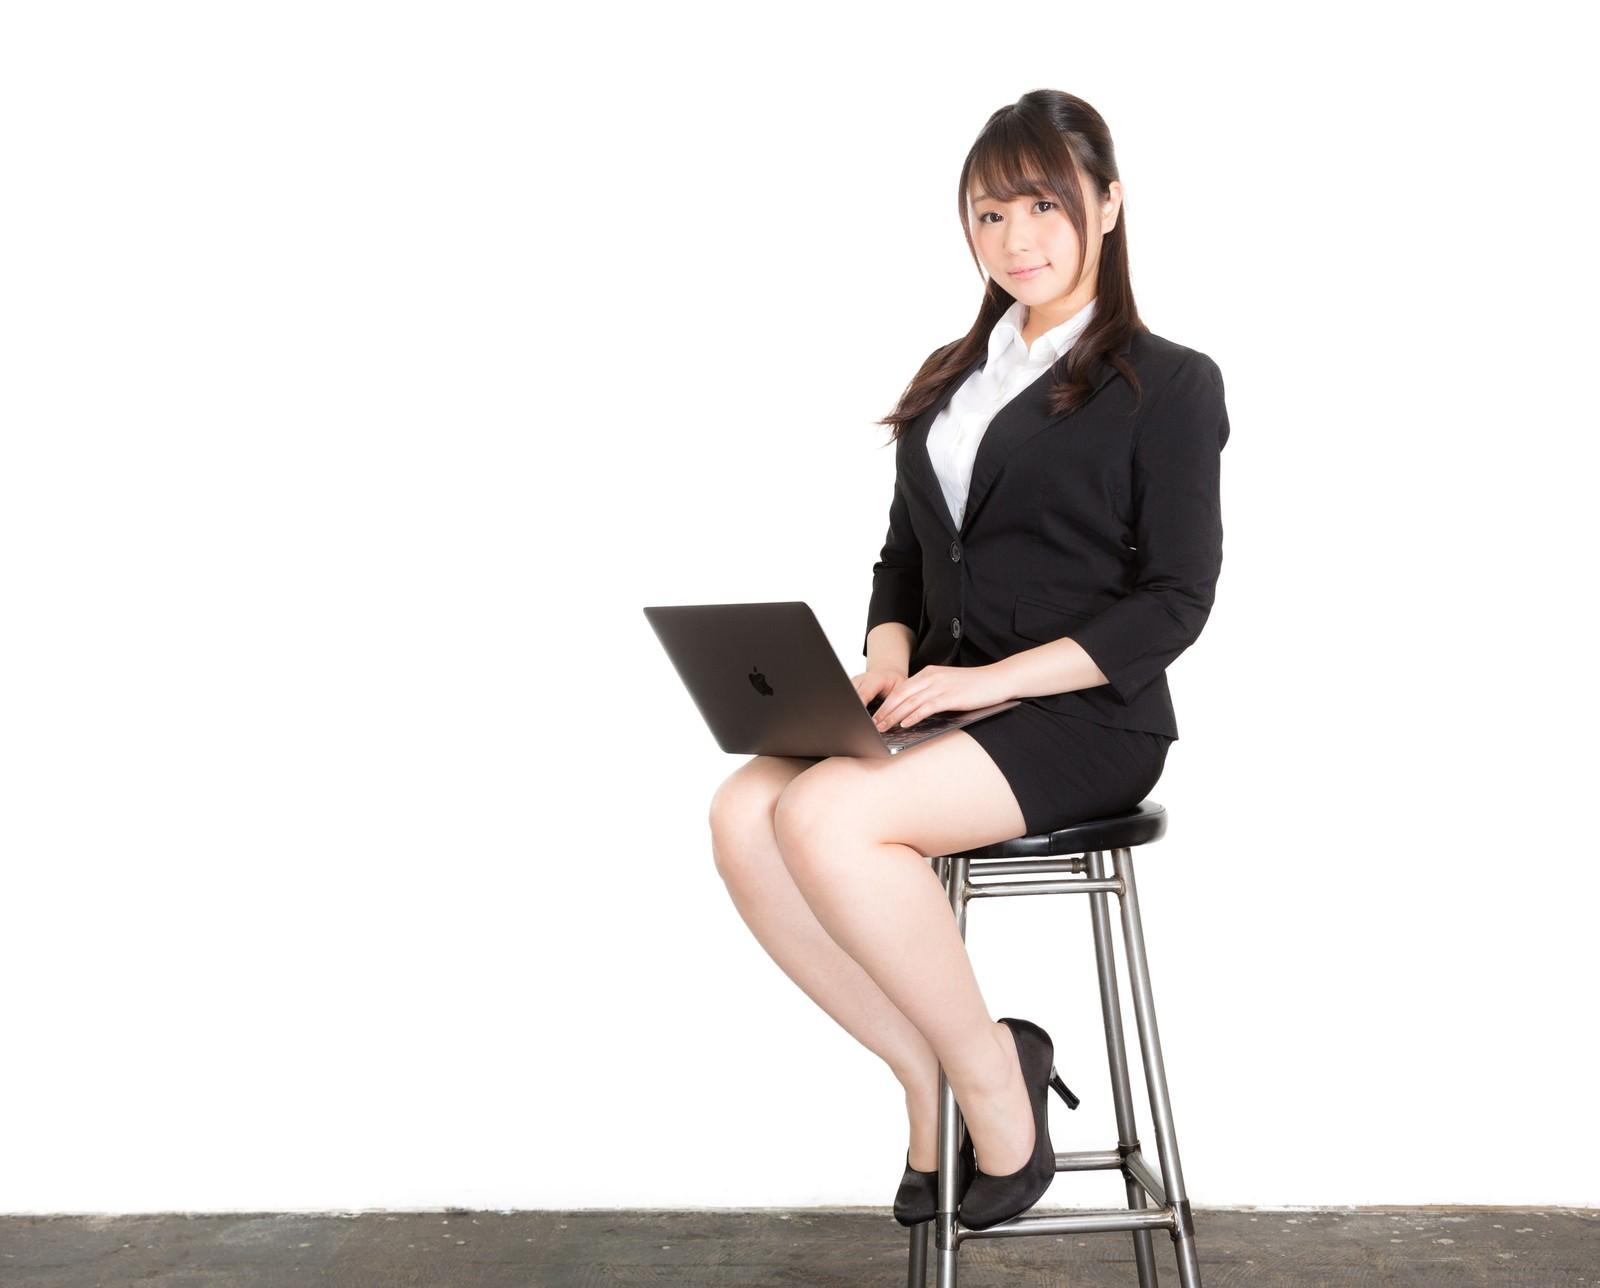 「椅子に座ってスライドを確認する新卒の女性」の写真[モデル:茜さや]